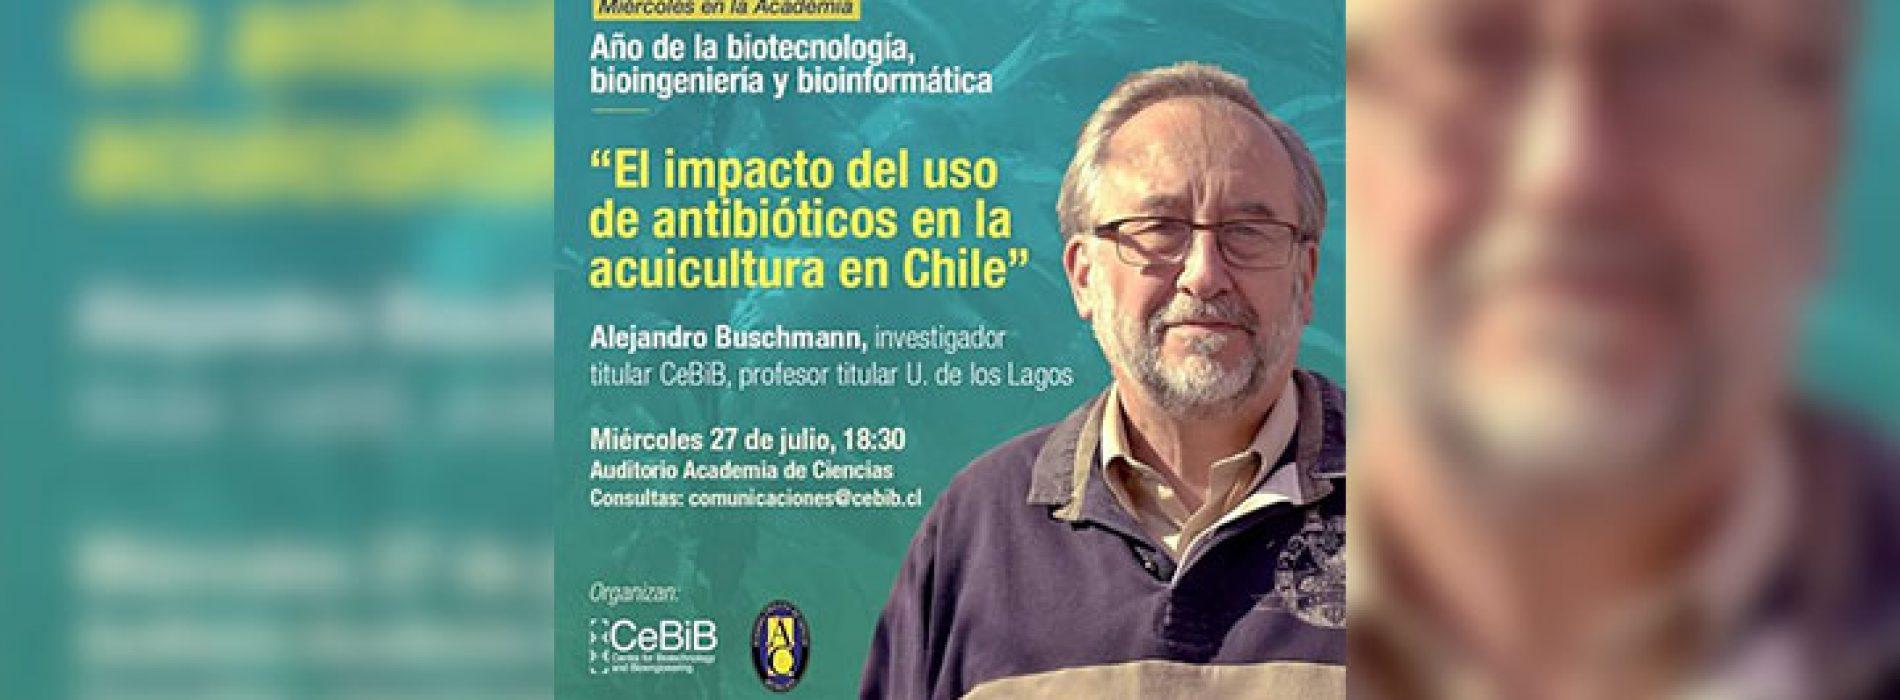 """Seminario: """"El impacto del uso de antibióticos en acuicultura en Chile"""""""